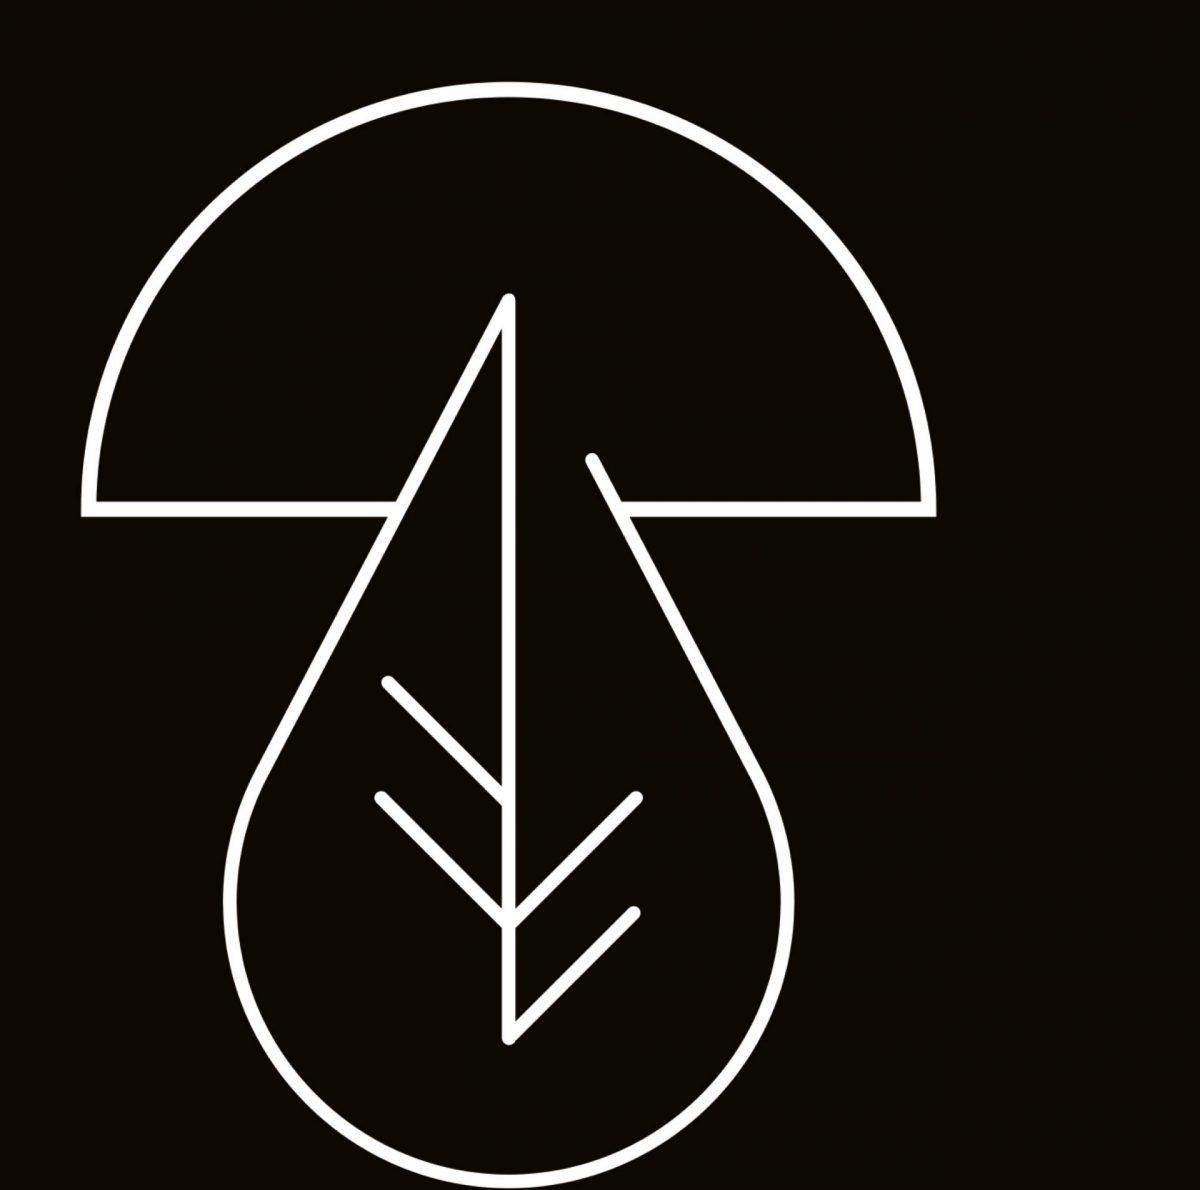 Création de logo, identité visuelle, pictogramme, plan, infographie, charte graphique